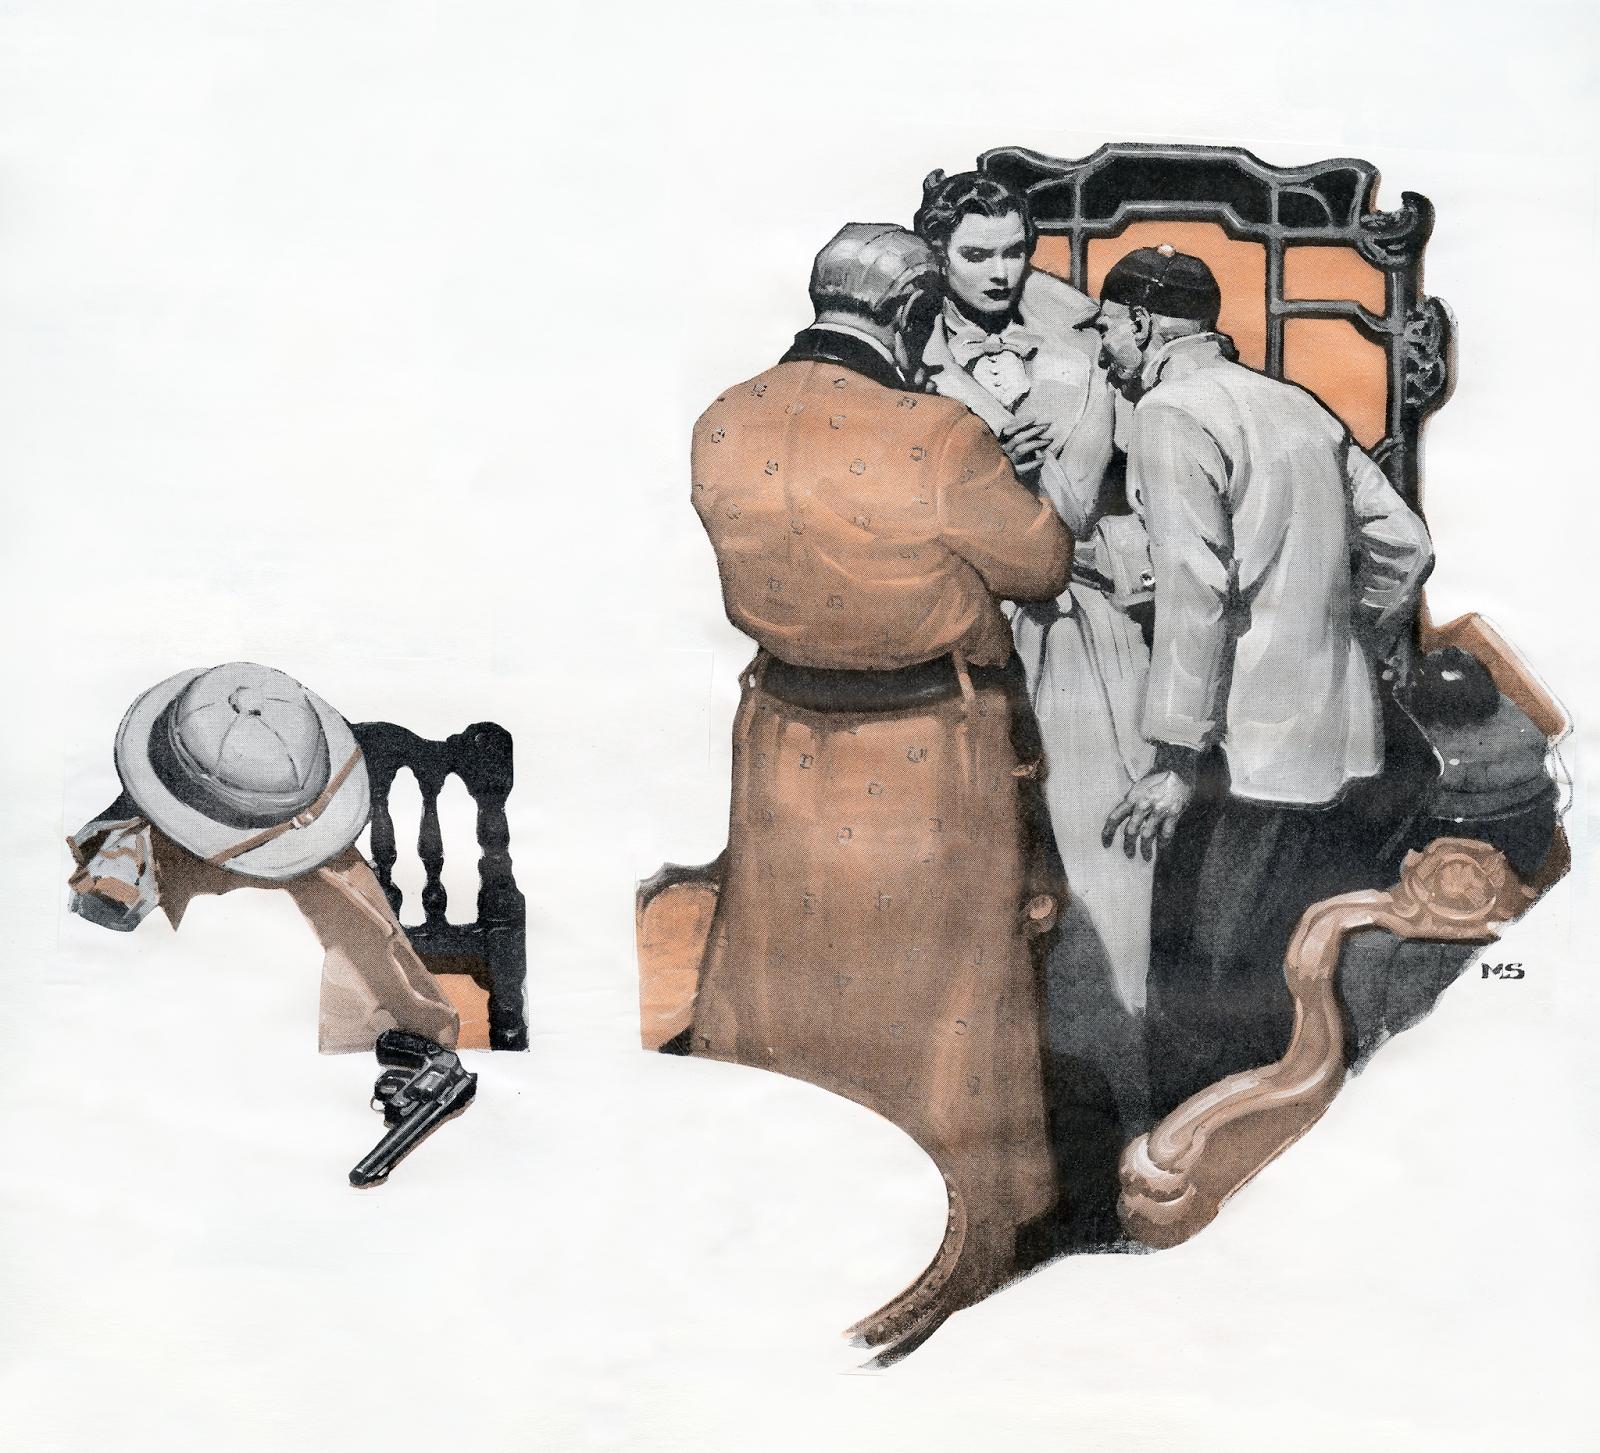 Mead Schaeffer: A Closer Look